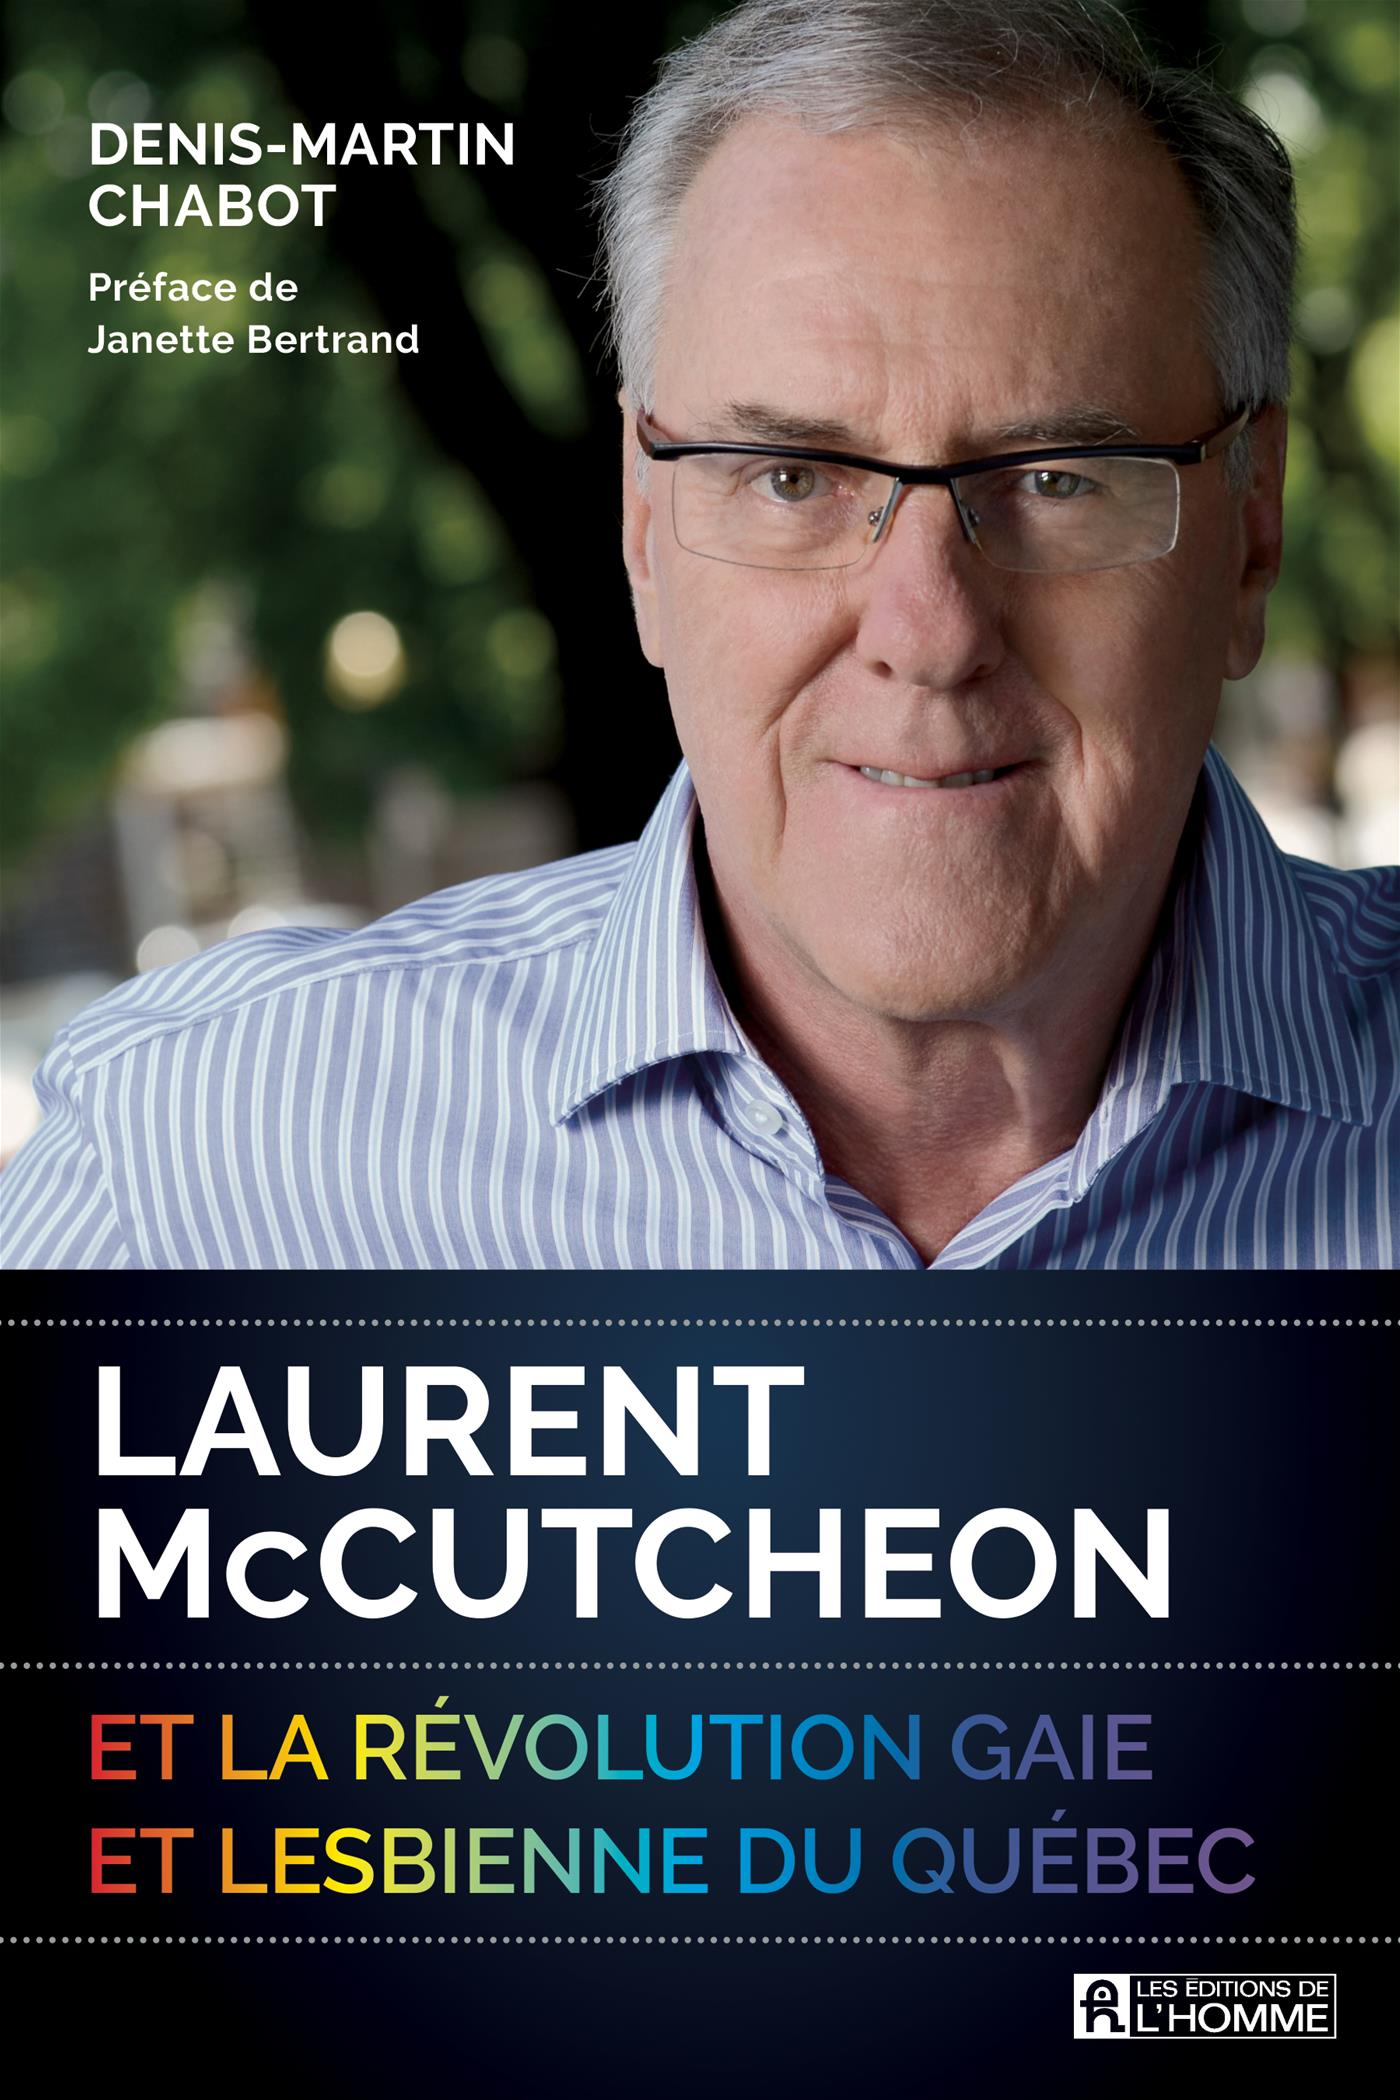 Laurent McCutcheon et la révolution gaie et lesbienne du Québec